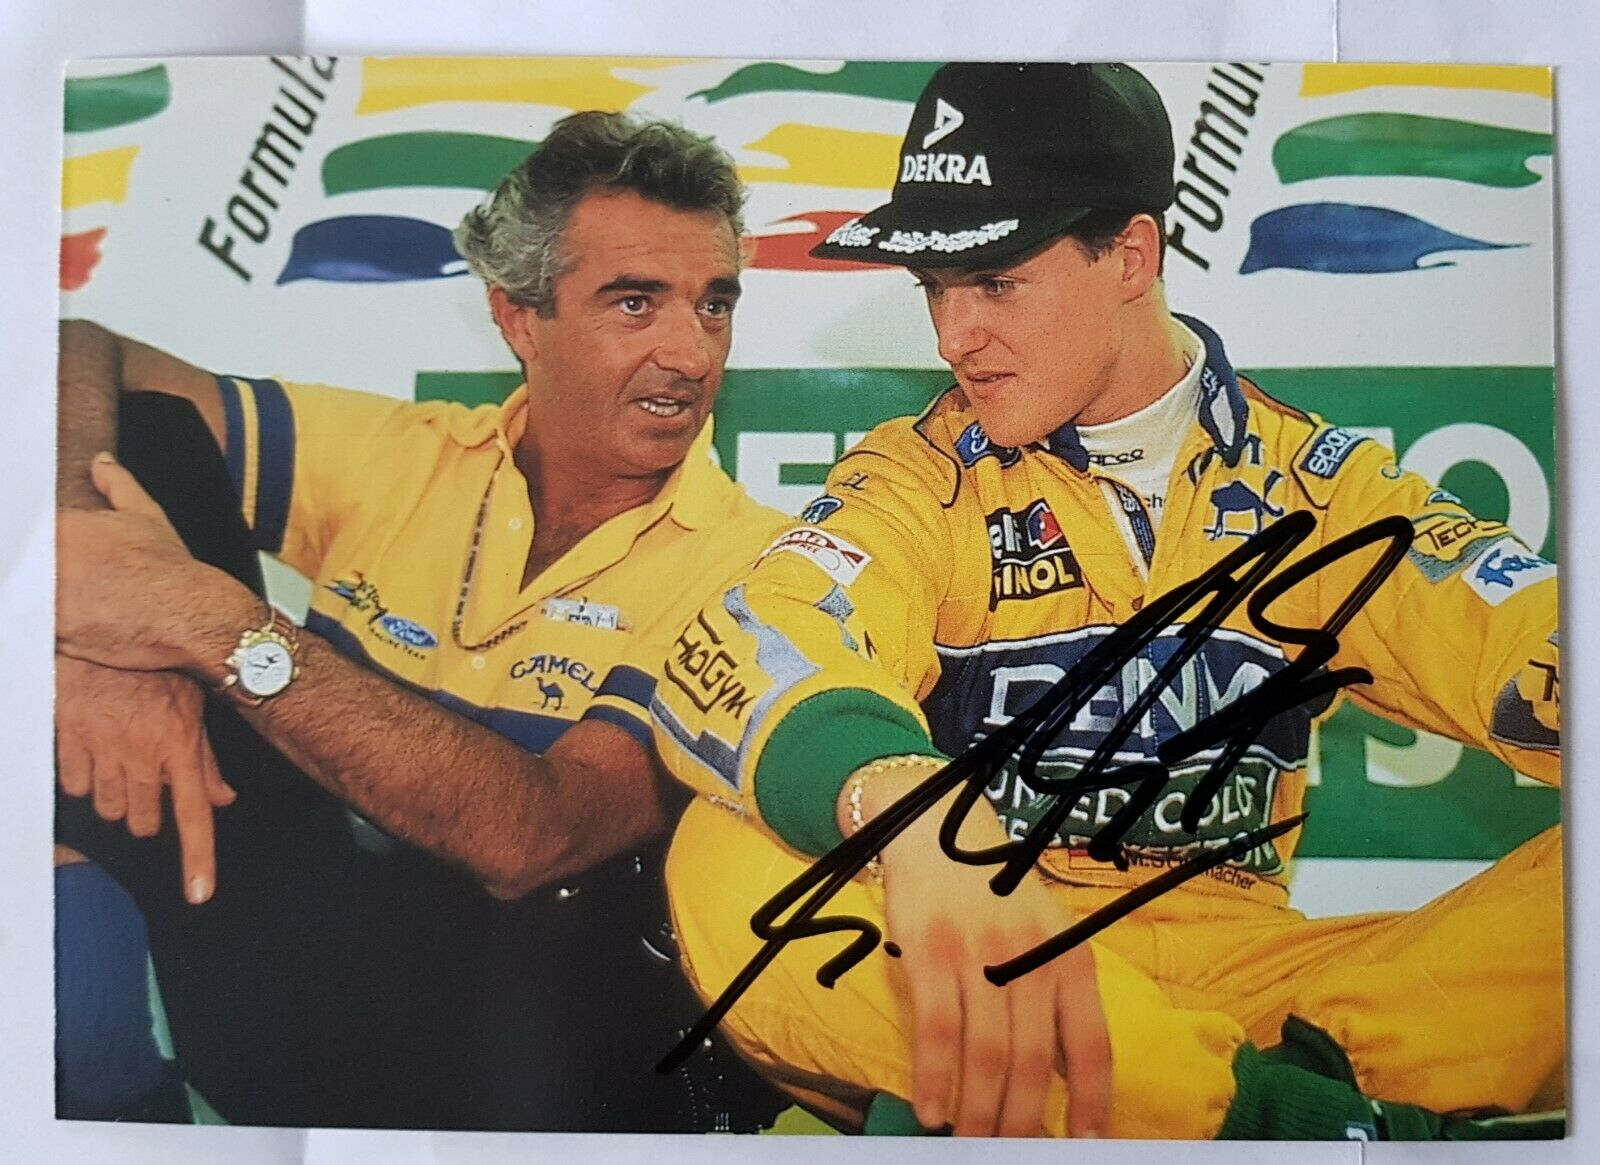 Michael Schumacher Signed Benetton Card.